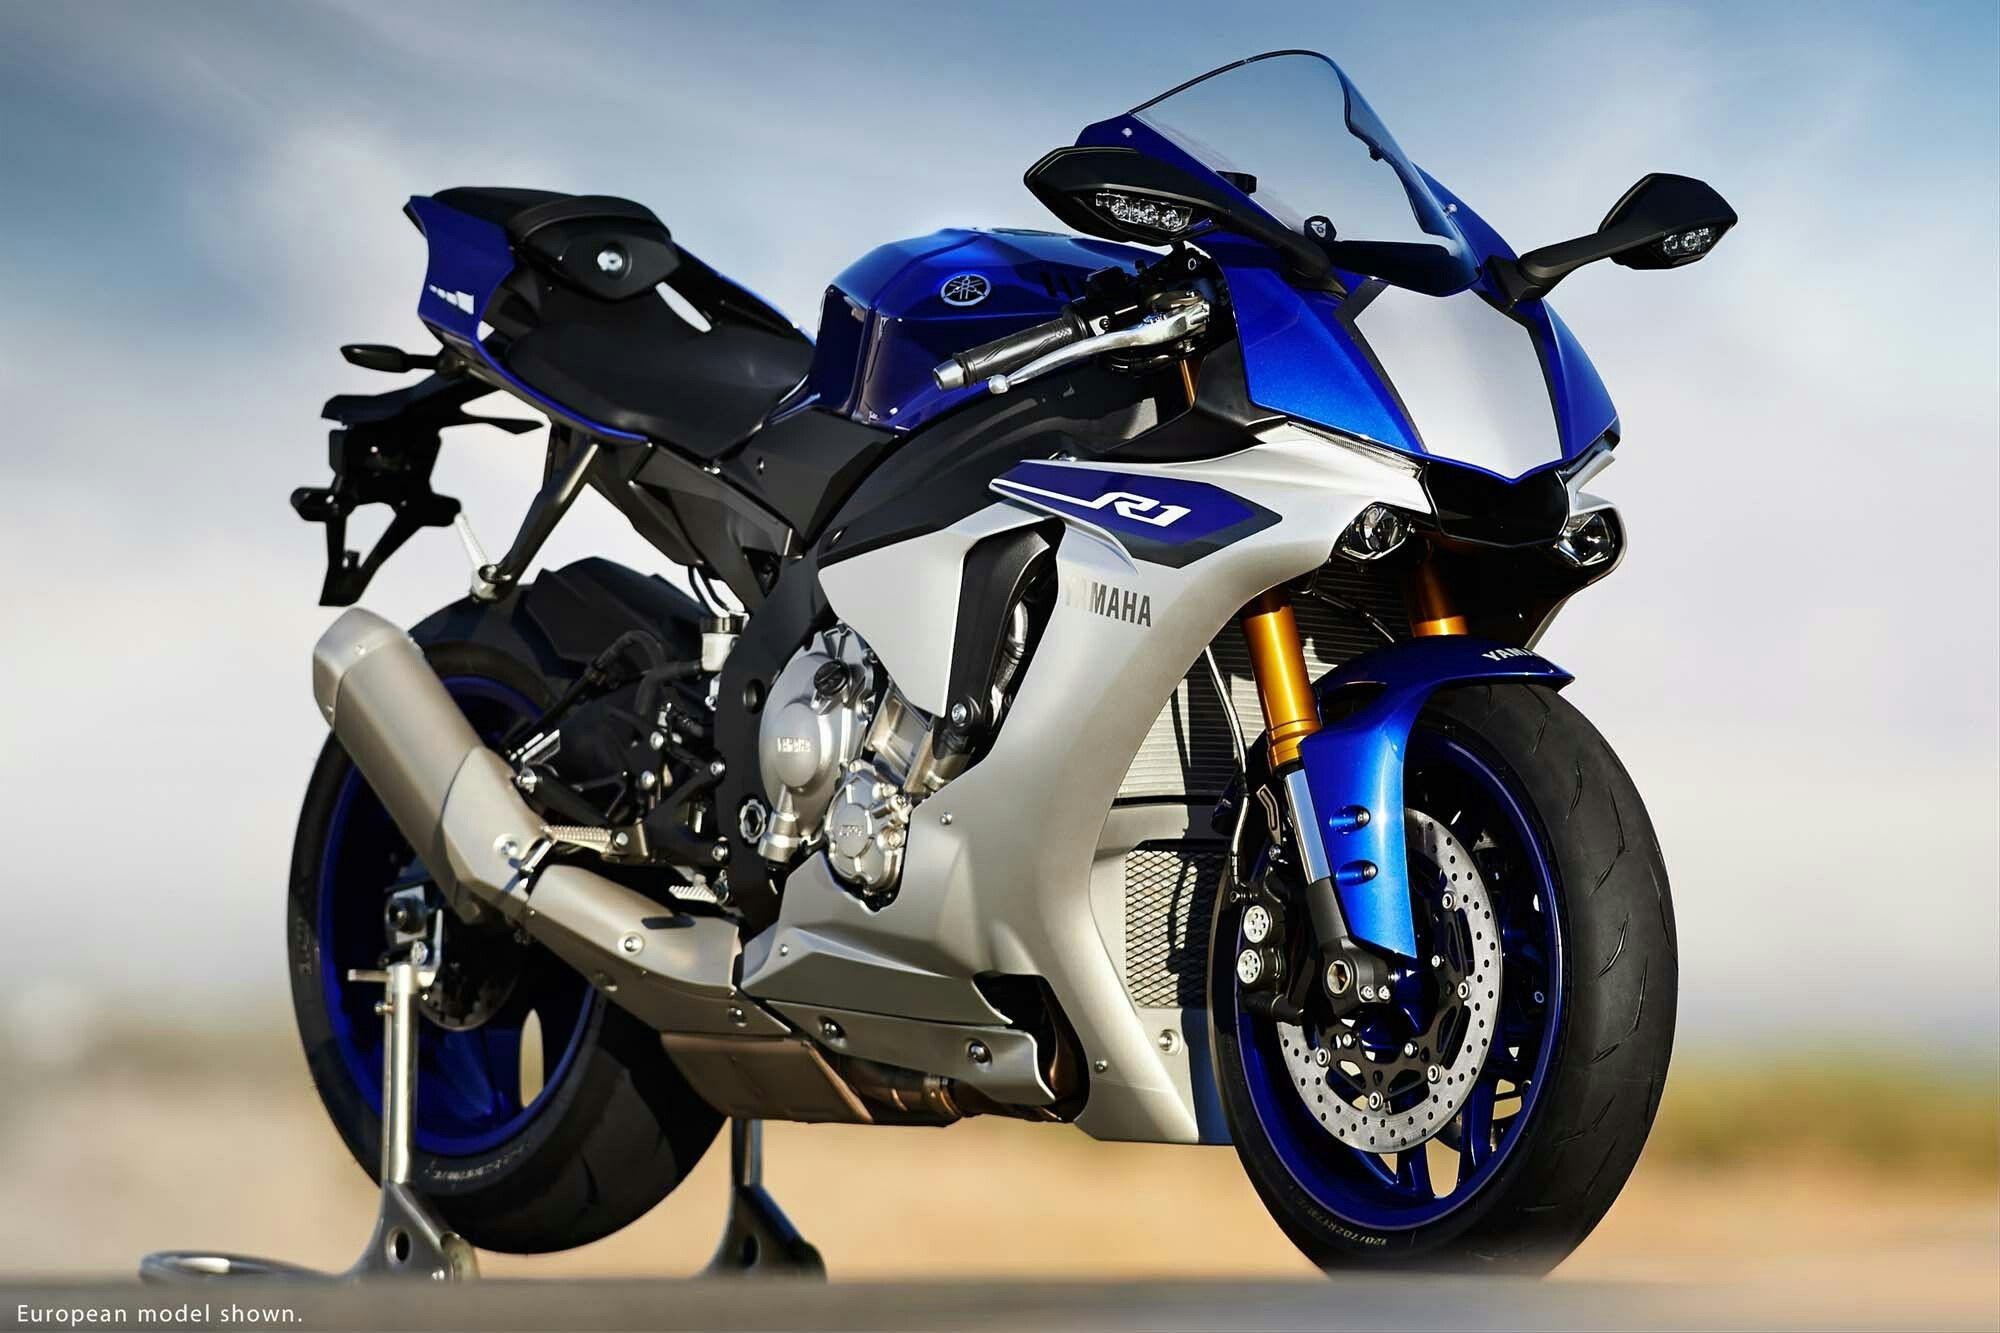 Yamaha yzf r125 usata moto usate 2016 car release date - Explore Yamaha Yzf R1 Yamaha Motorcycles And More